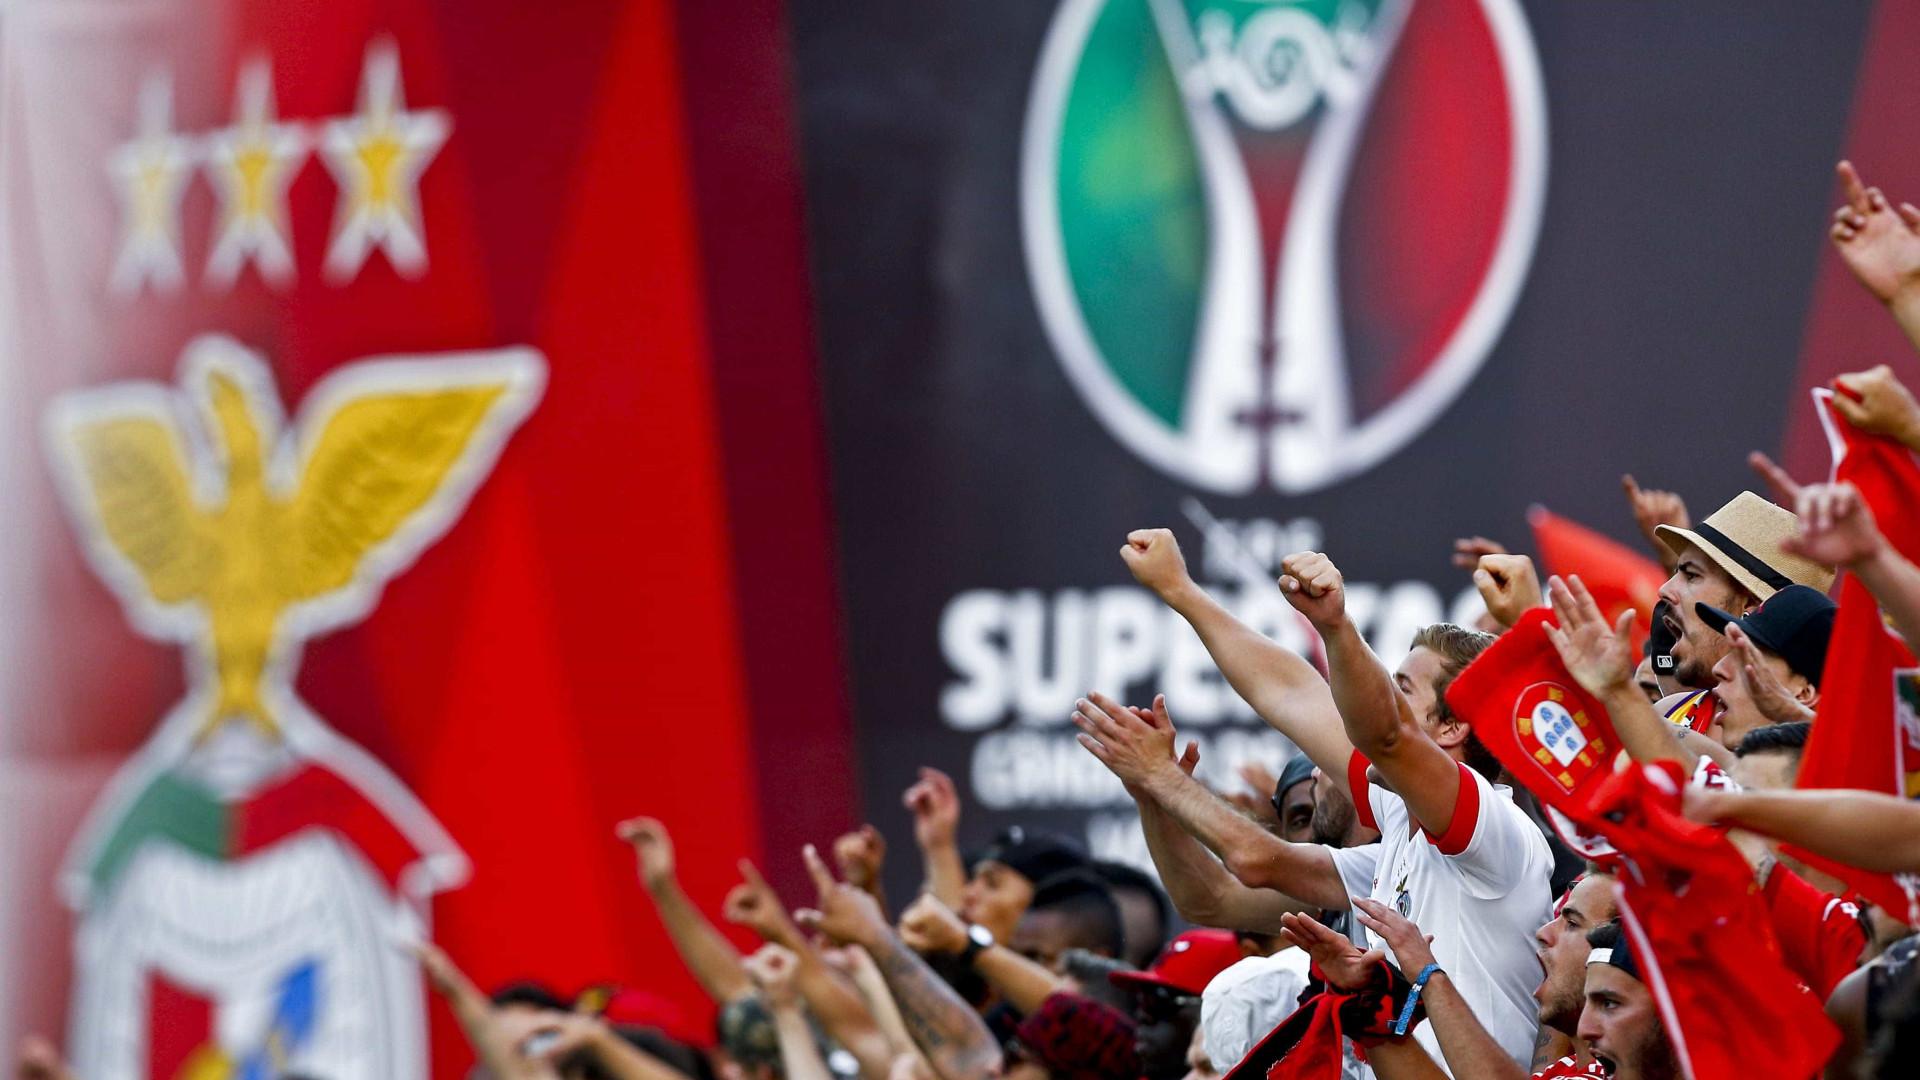 Jogo entre Benfica e Sp. Braga alvo de processo disciplinar